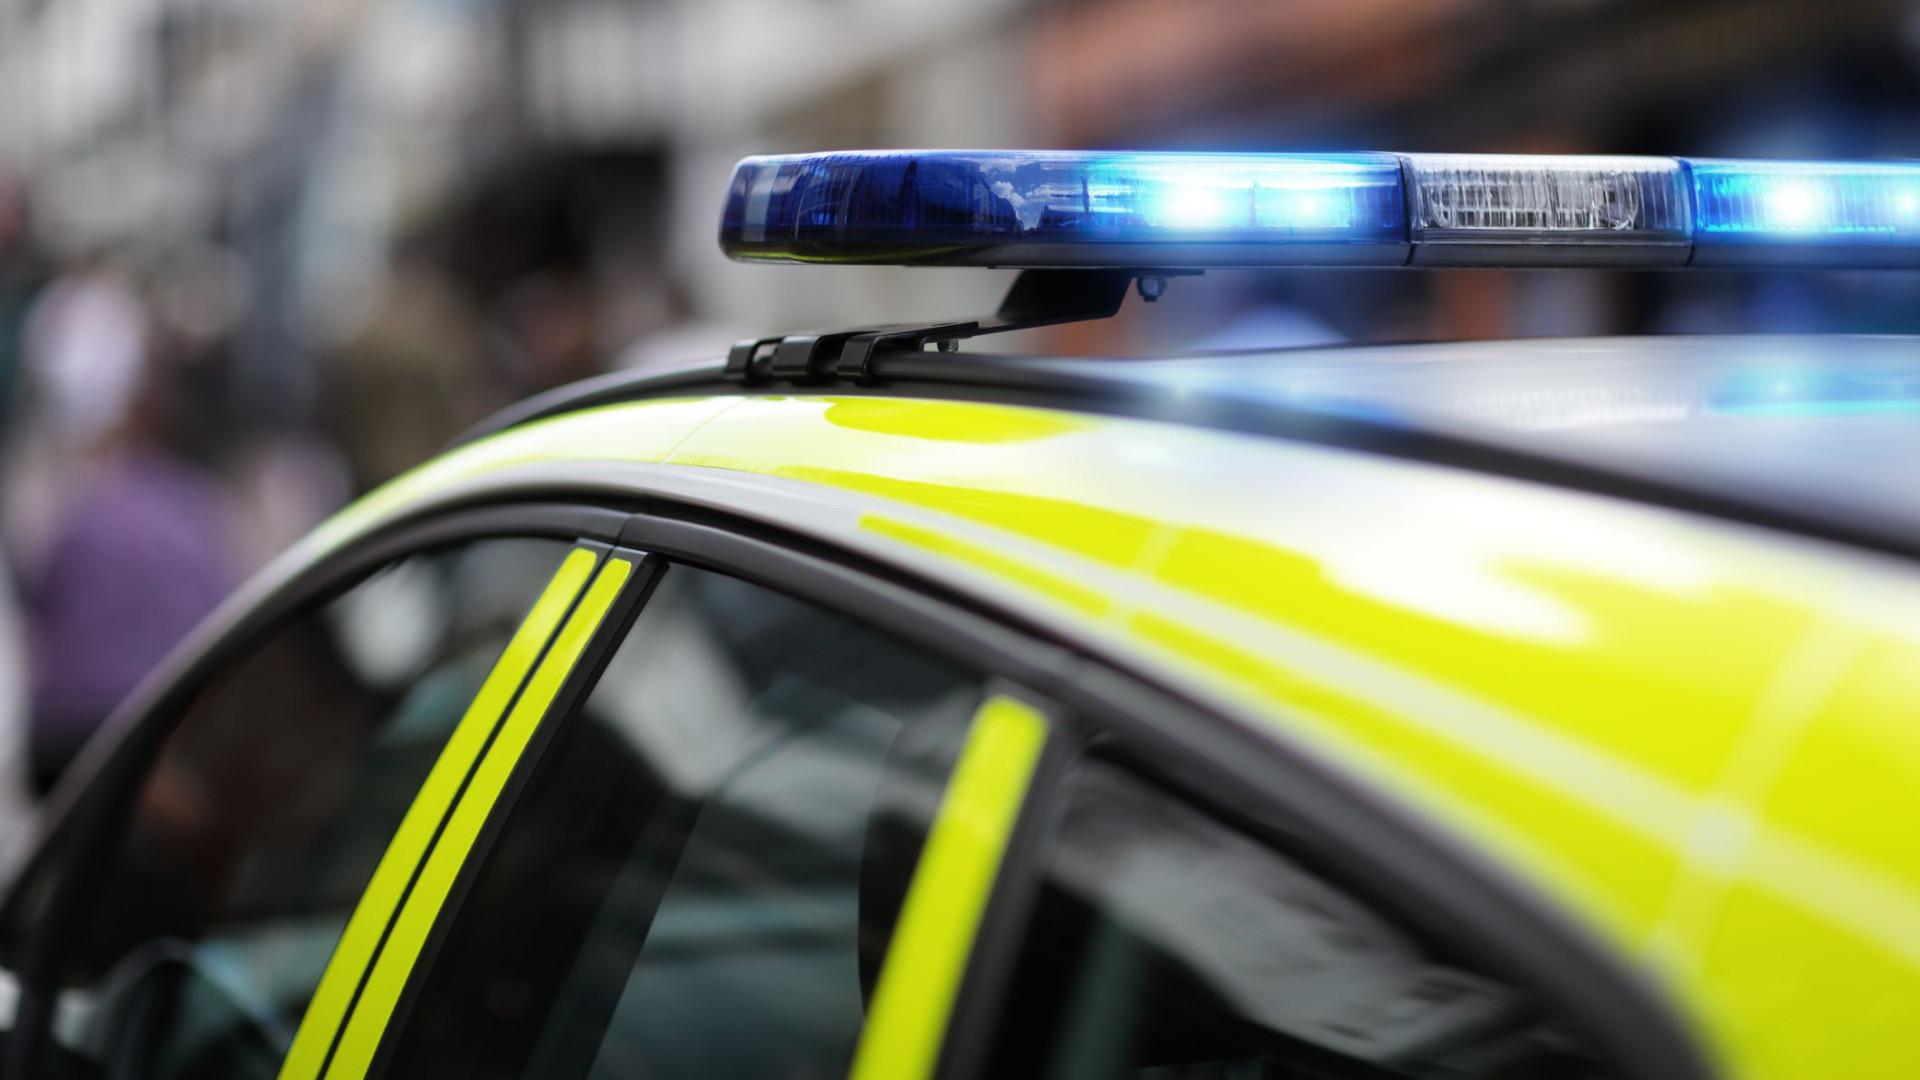 Acidente faz três feridos e corta trânsito na estrada nacional em Coina